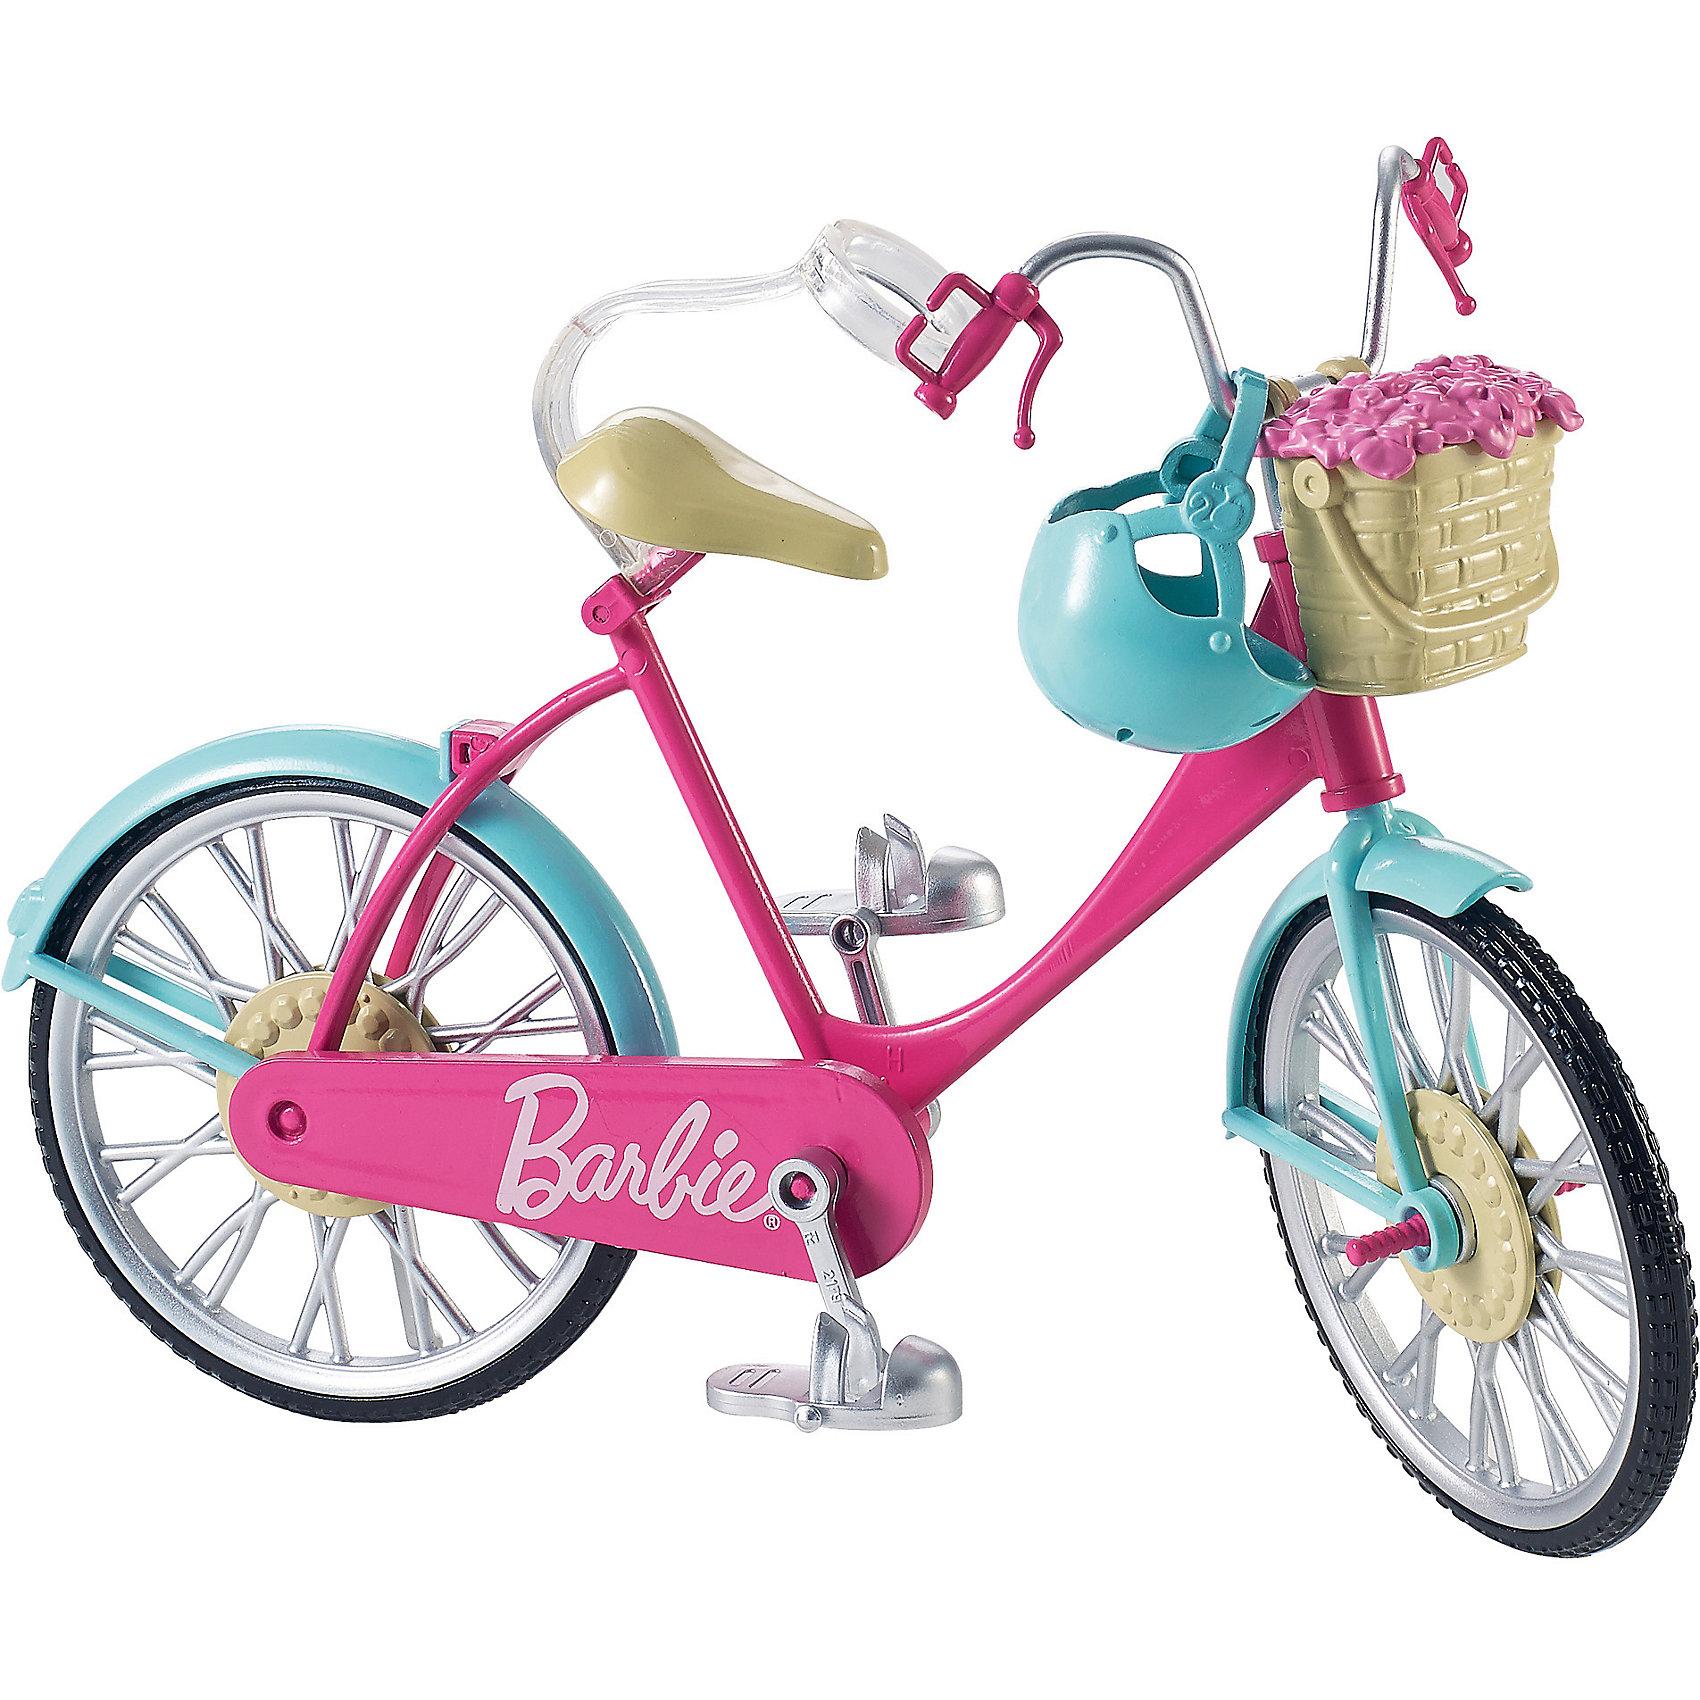 Велосипед, BarbieBarbie<br>Велосипед, Barbie (Барби)<br><br>Характеристики:<br><br>• у велосипеда крутятся педали и колеса<br>• корзину можно заполнить цветами (входят в комплект) или другими полезными предметами<br>• специальная застежка удерживает куклу на сидении<br>• кукла в комплект не входит<br>• в комплекте: велосипед, шлем, корзина с цветами<br>• материал: пластик<br>• длина велосипеда: 28 см<br>• размер упаковки: 30,5х23х7 см<br>• вес: 220 грамм<br><br>Стильный велосипед создан специально для самых активных кукол Барби. Он имеет очень приятную розовую расцветку, дополненную серебристыми деталями. Педали и колеса велосипеда крутятся, придавая игре реалистичности. Посадите куклу на сидение, закрепите застежку и наблюдайте как быстро Барби катается по дороге! И, конечно же, не стоит забывать о безопасности. В комплект входит шлем, защищающий голову куклы при падениях. Спереди велосипед дополнен корзиной с букетом цветов. Вы сможете достать цветы, чтобы положить туда необходимые предметы.<br><br>Велосипед, Barbie (Барби) можно купить в нашем интернет-магазине.<br><br>Ширина мм: 305<br>Глубина мм: 231<br>Высота мм: 76<br>Вес г: 219<br>Возраст от месяцев: 36<br>Возраст до месяцев: 72<br>Пол: Женский<br>Возраст: Детский<br>SKU: 5257119